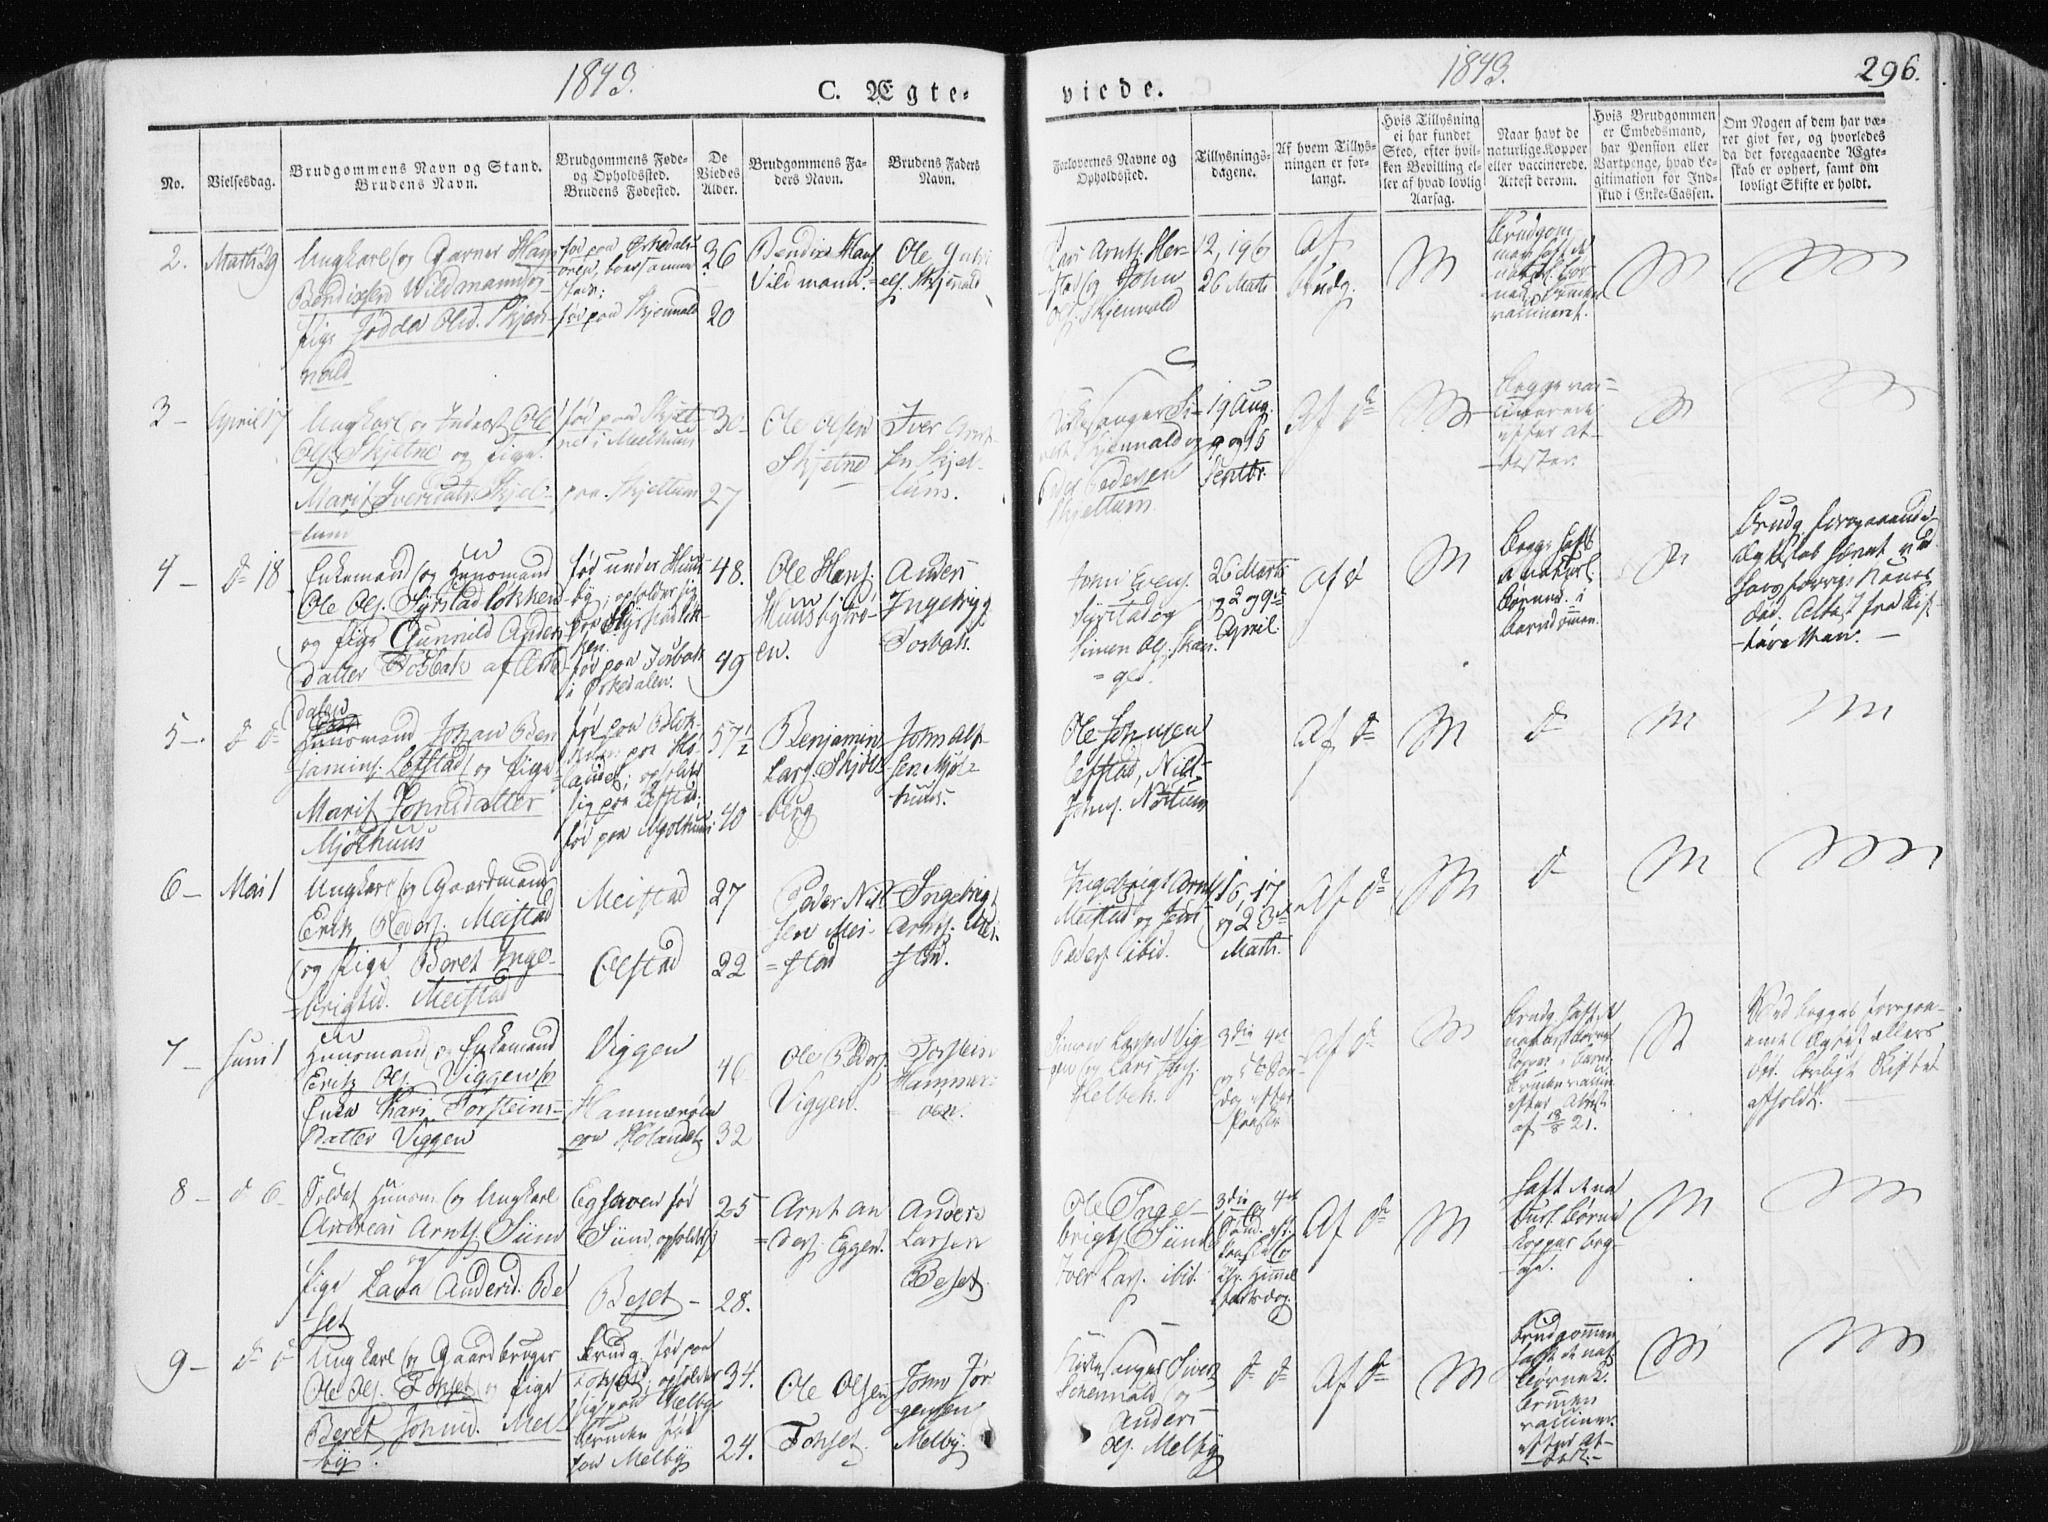 SAT, Ministerialprotokoller, klokkerbøker og fødselsregistre - Sør-Trøndelag, 665/L0771: Ministerialbok nr. 665A06, 1830-1856, s. 296